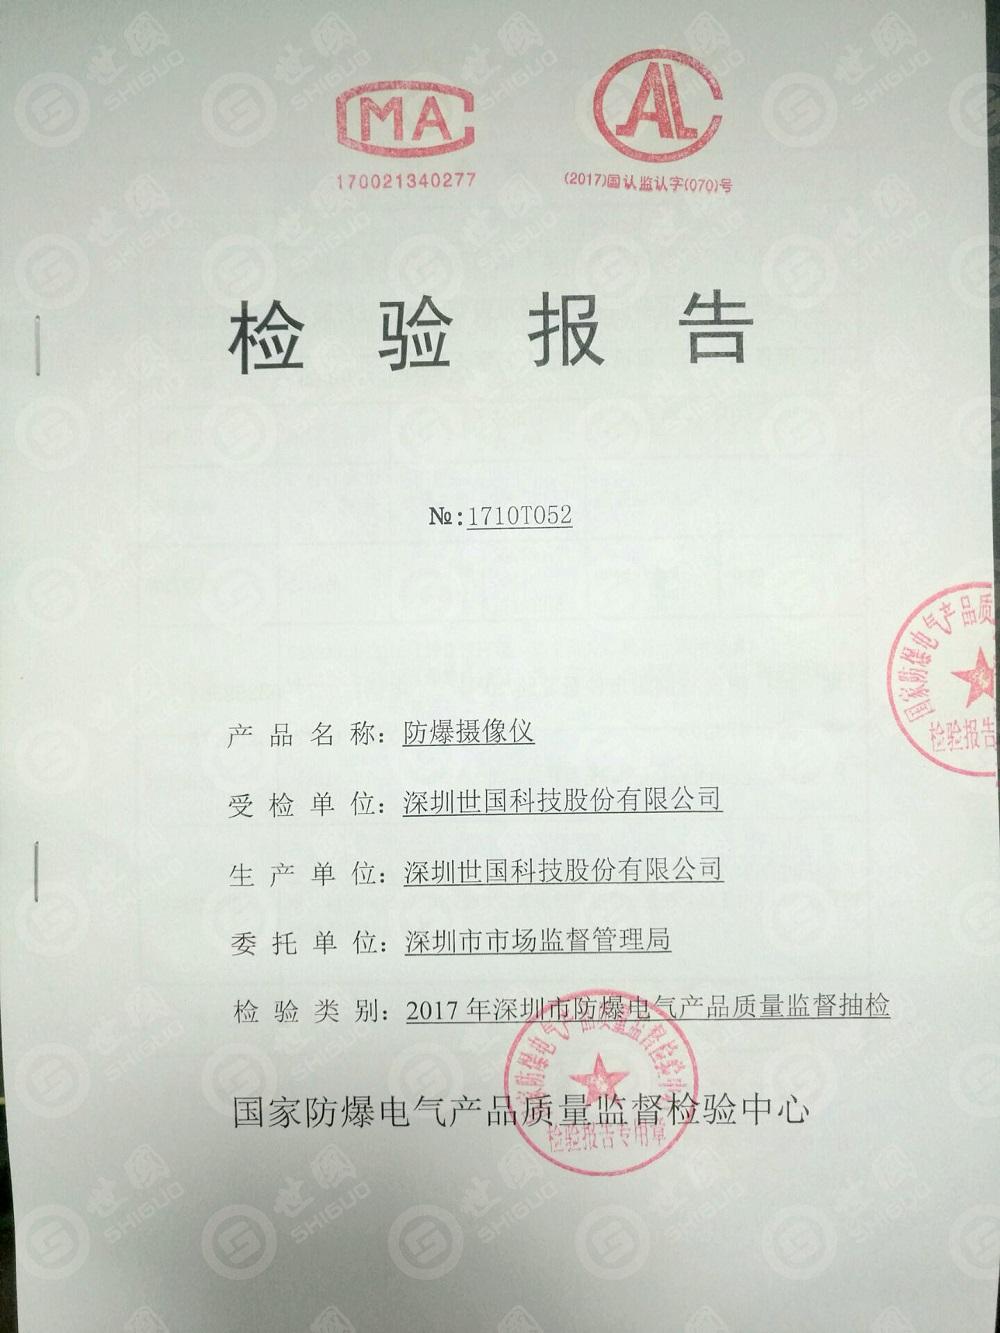 国家防爆电气产品质量监督检验中心通知单